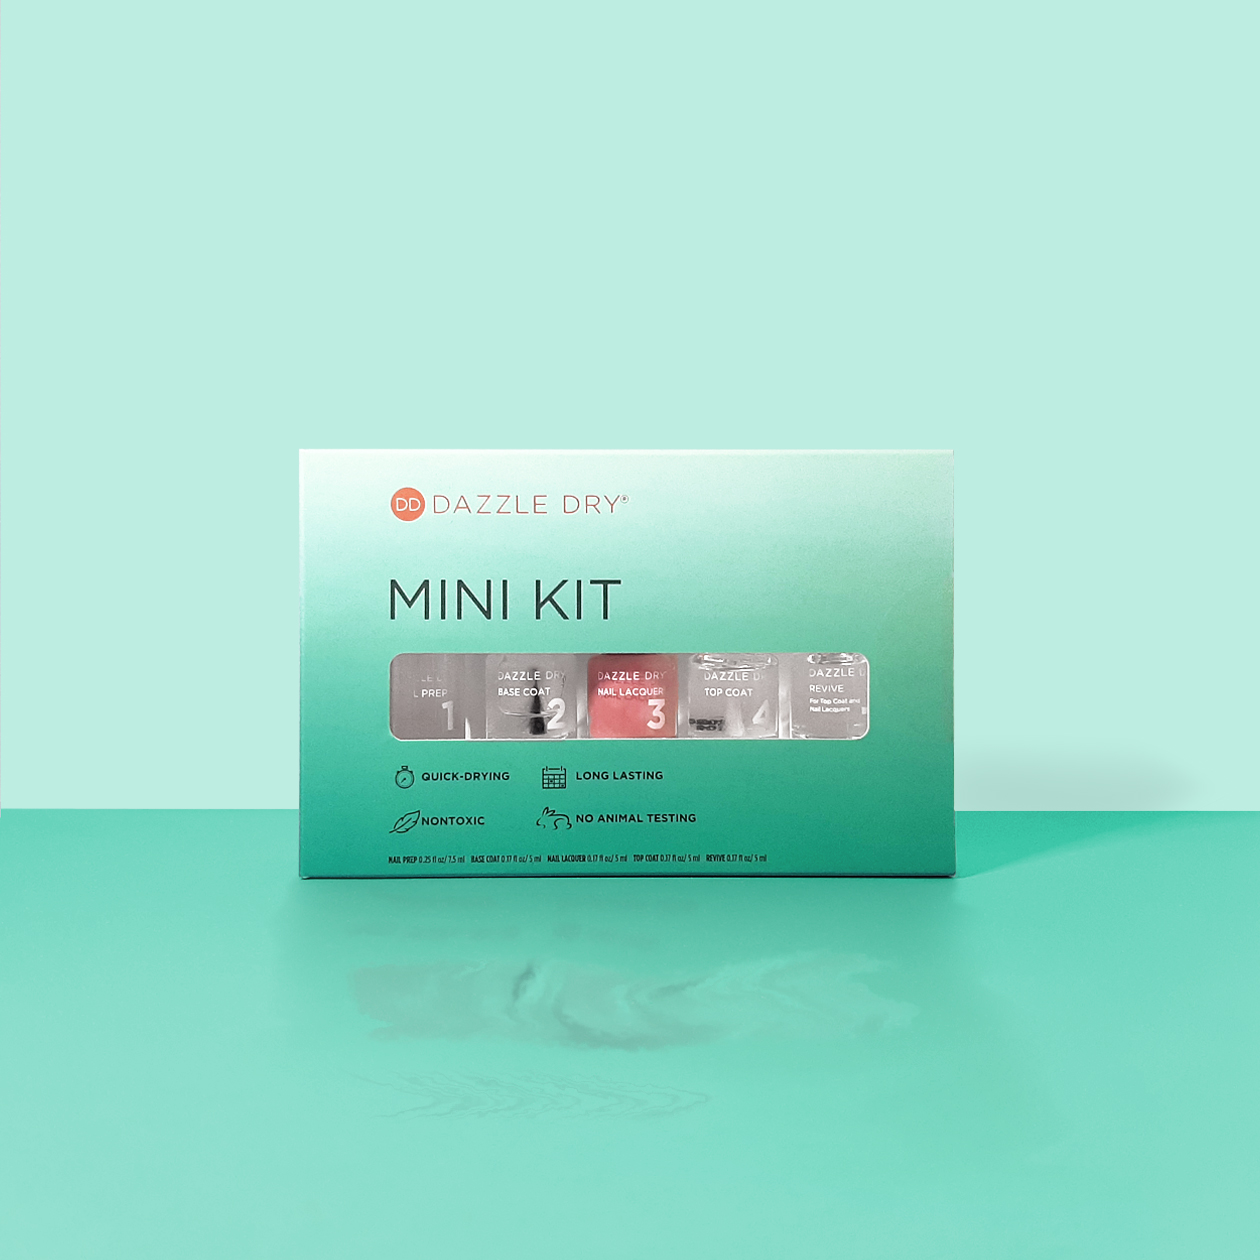 minikit-box